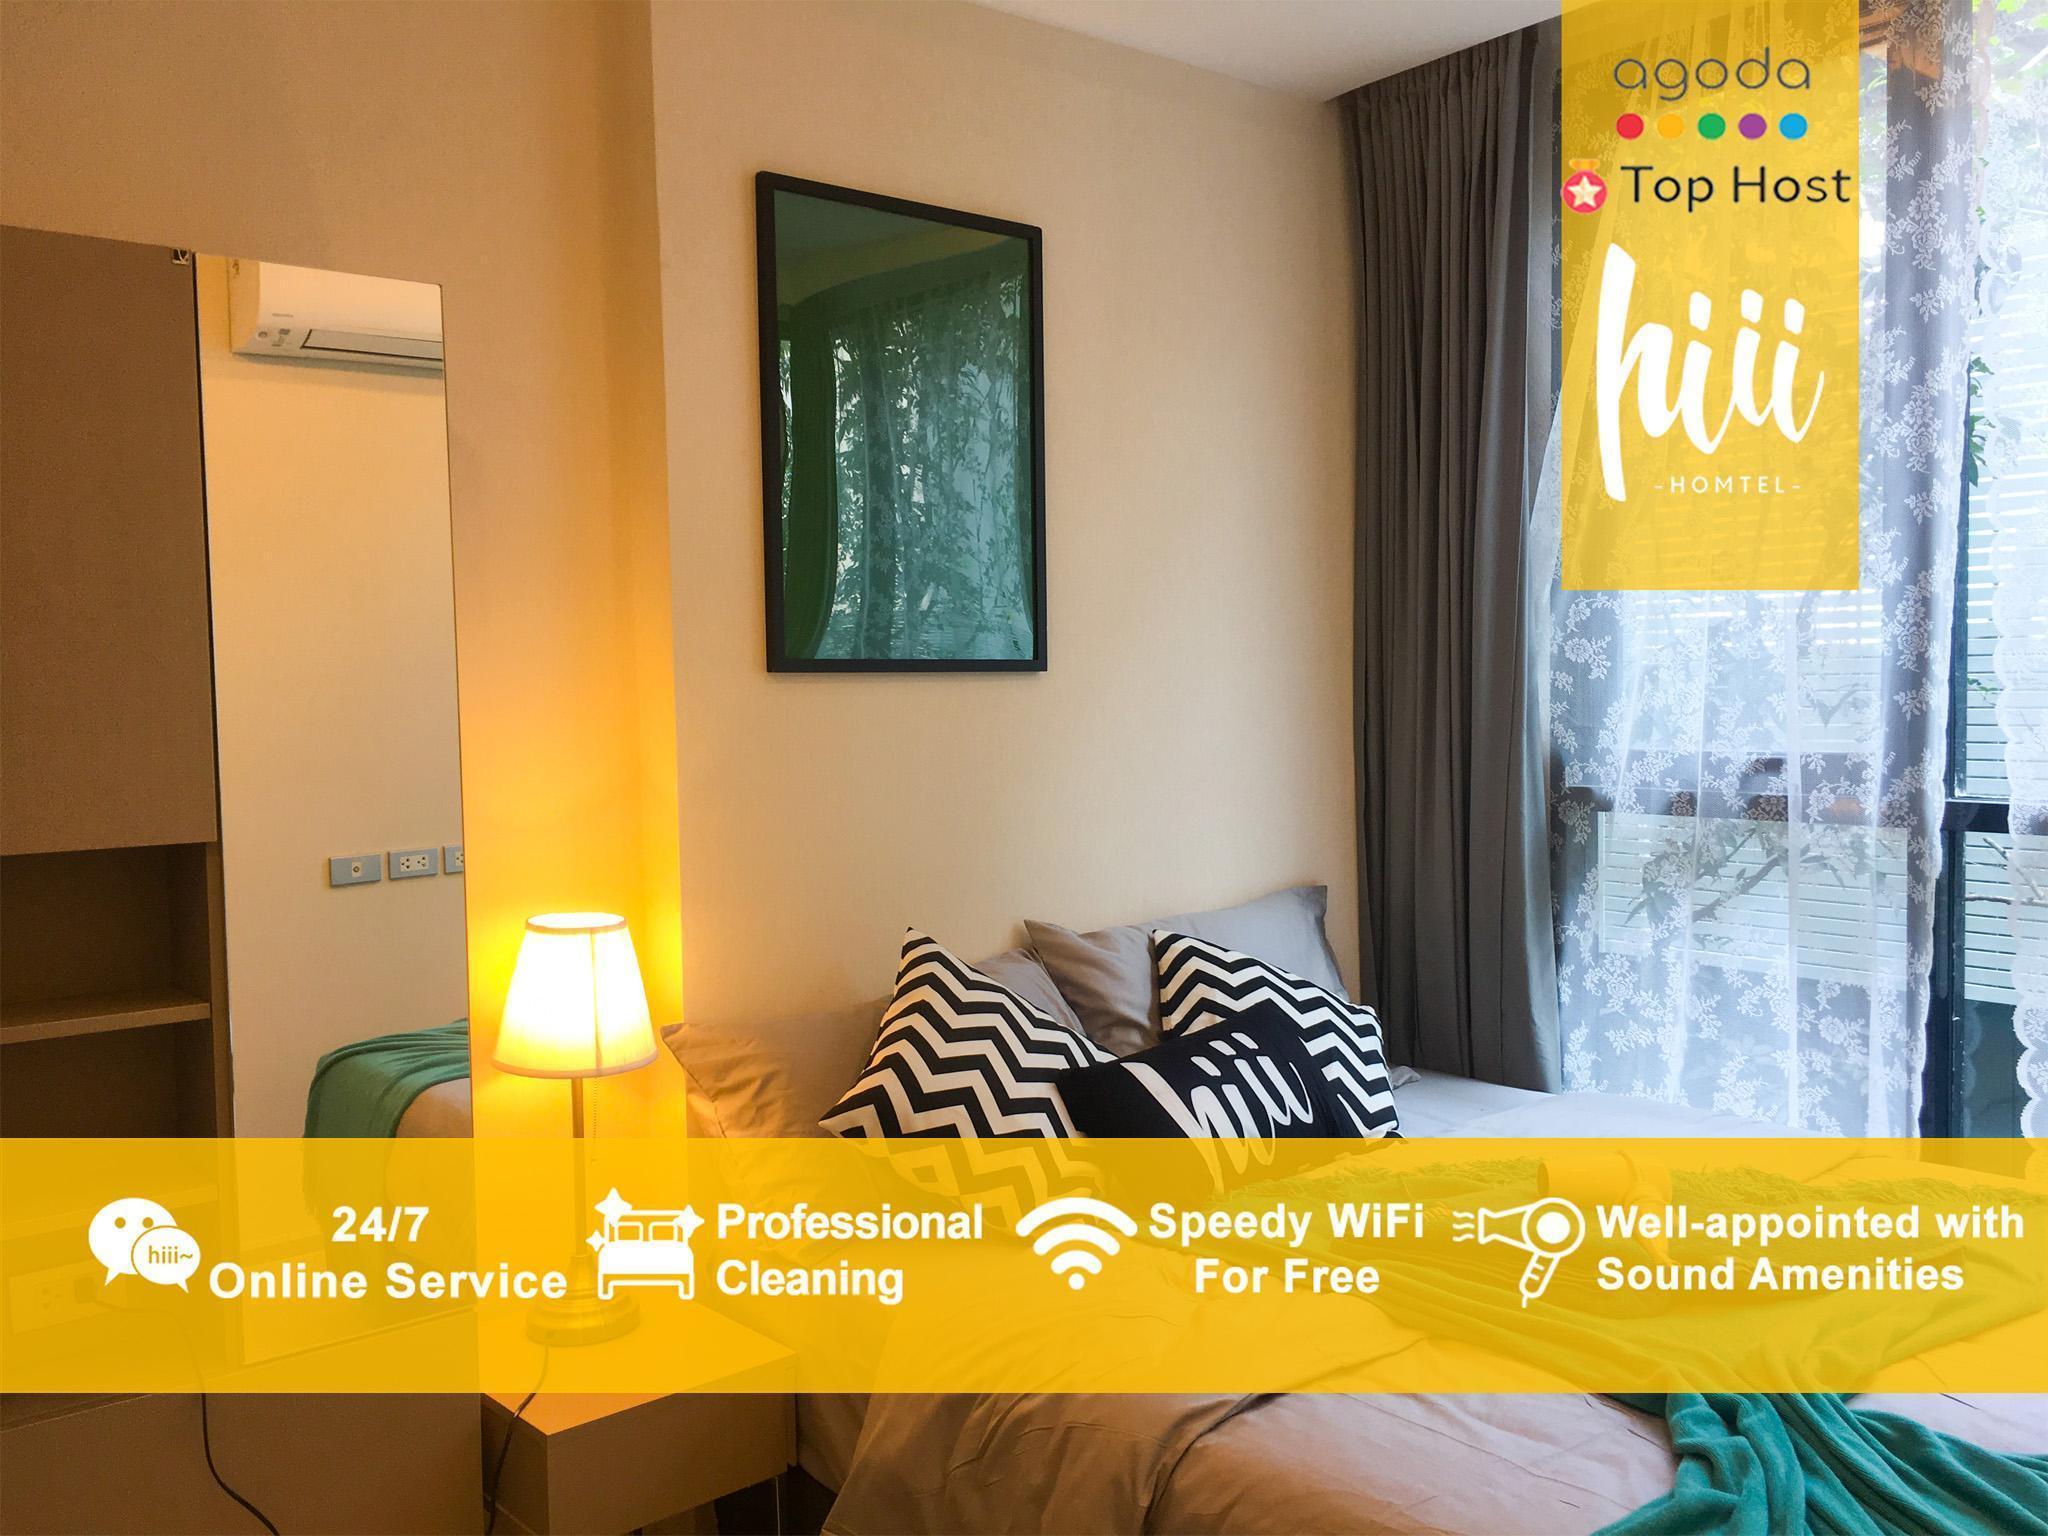 【hiii】Hiver★BTS ThongLo/Free Oasis Pool&Gym-BKK148 อพาร์ตเมนต์ 1 ห้องนอน 1 ห้องน้ำส่วนตัว ขนาด 29 ตร.ม. – สุขุมวิท